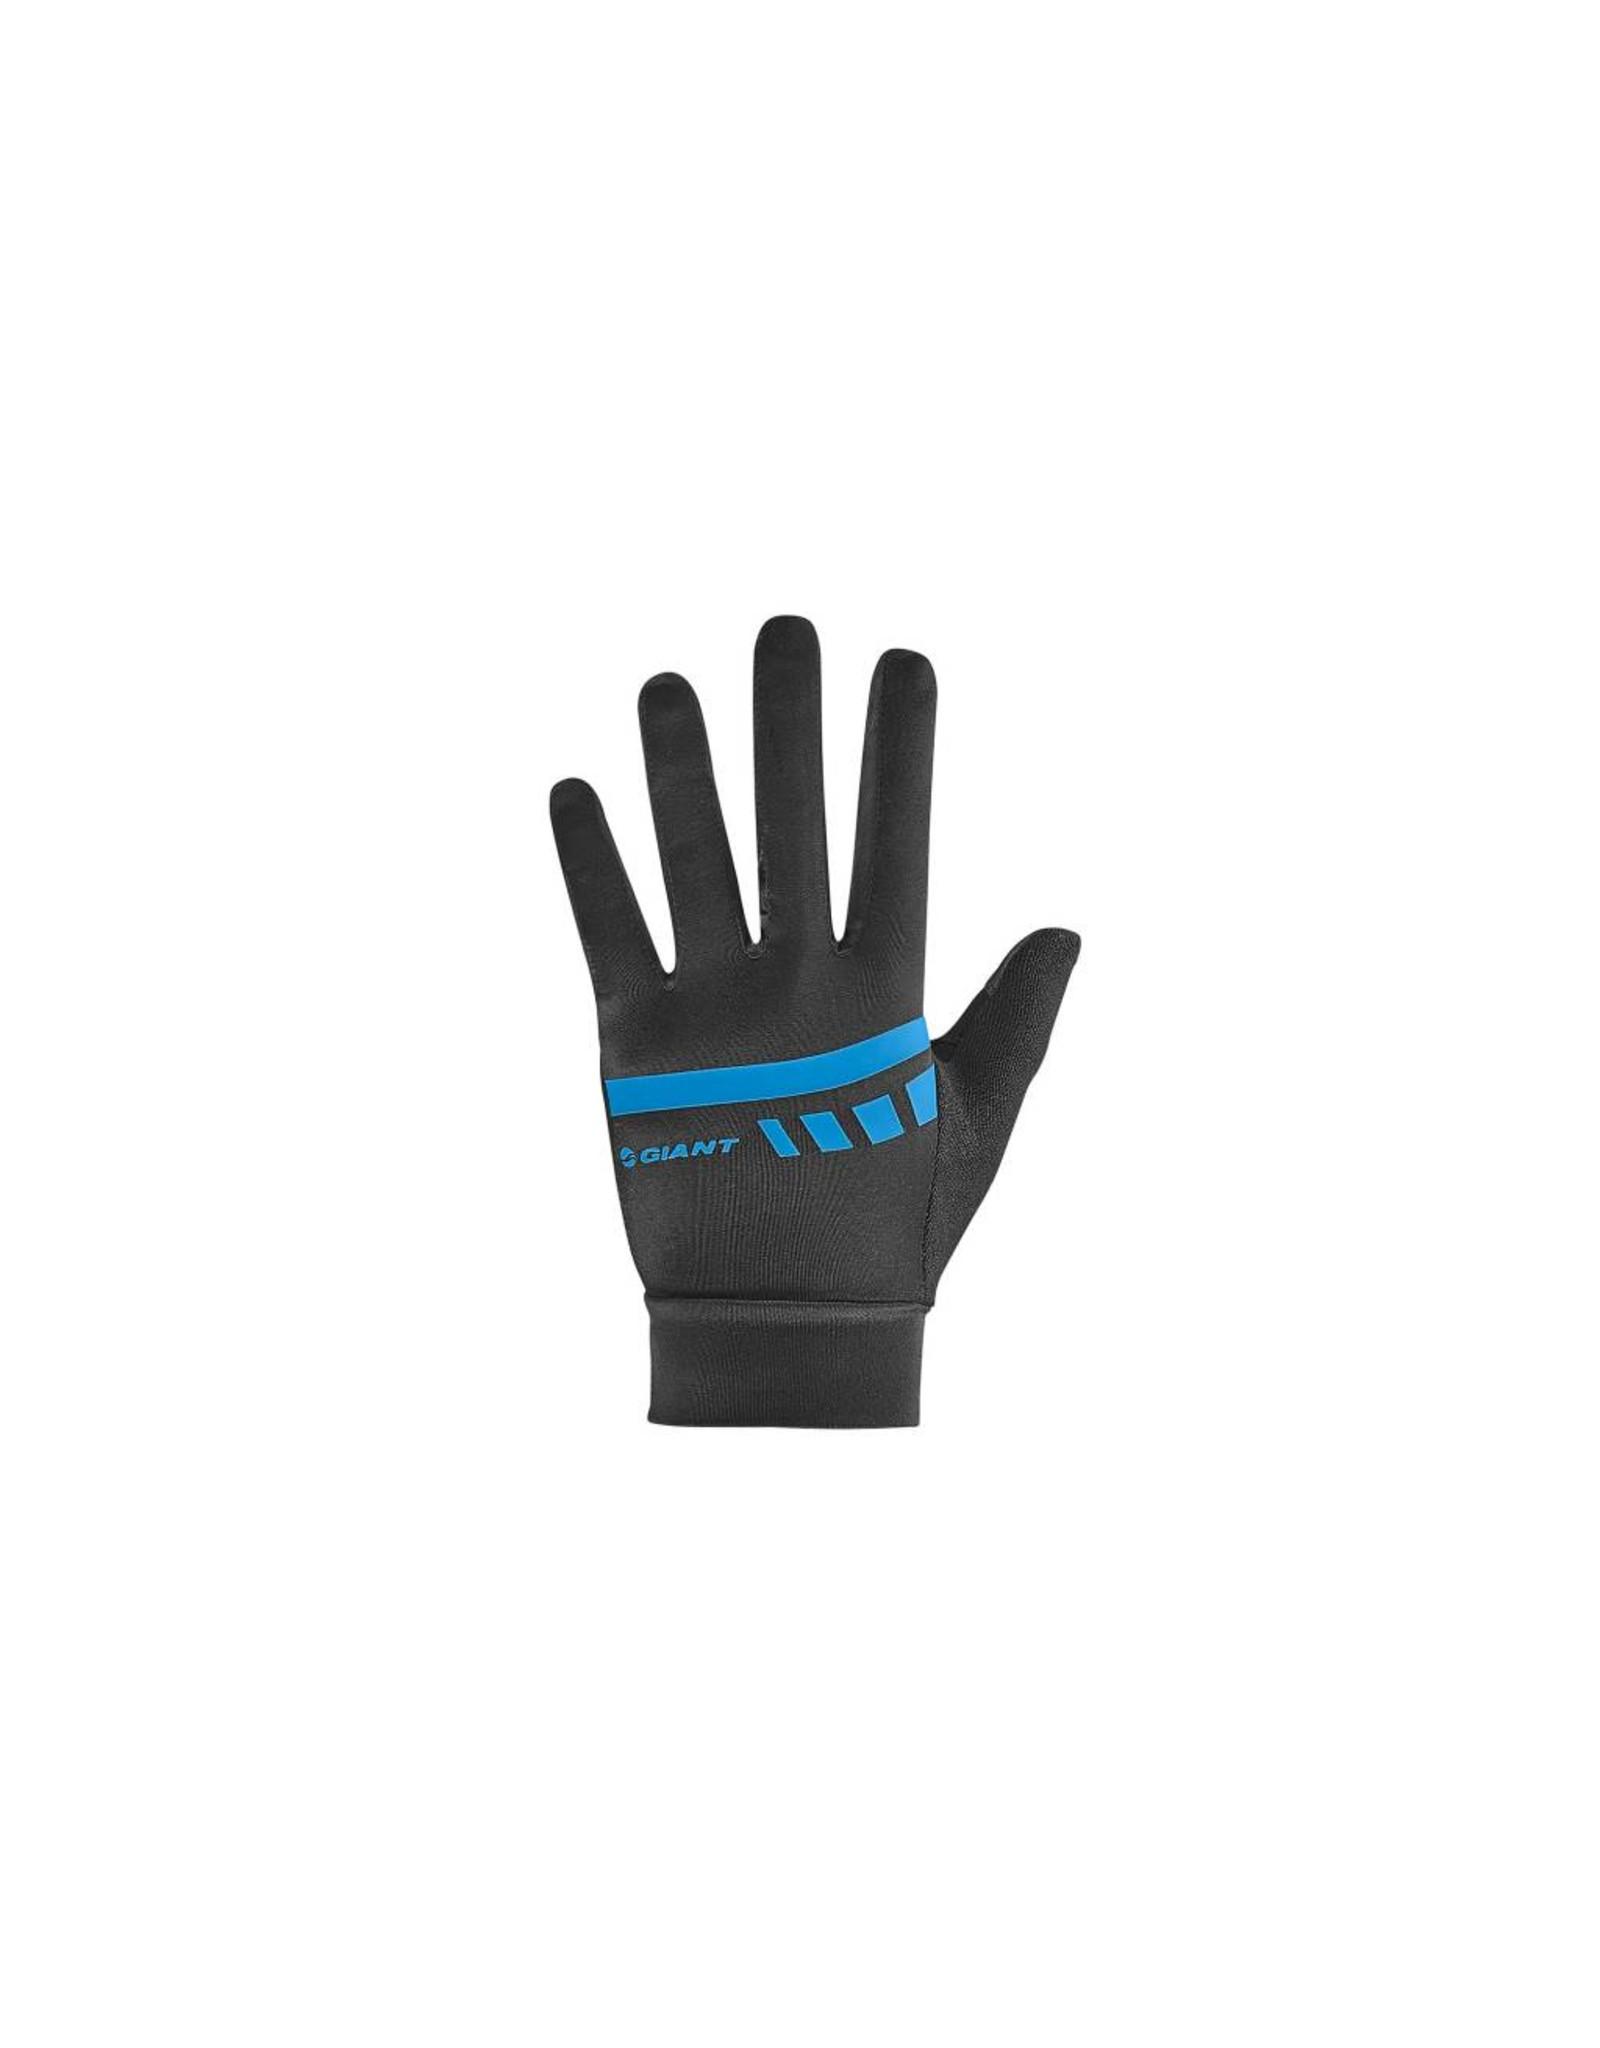 GIANT BICYCLES Podium LF Glove